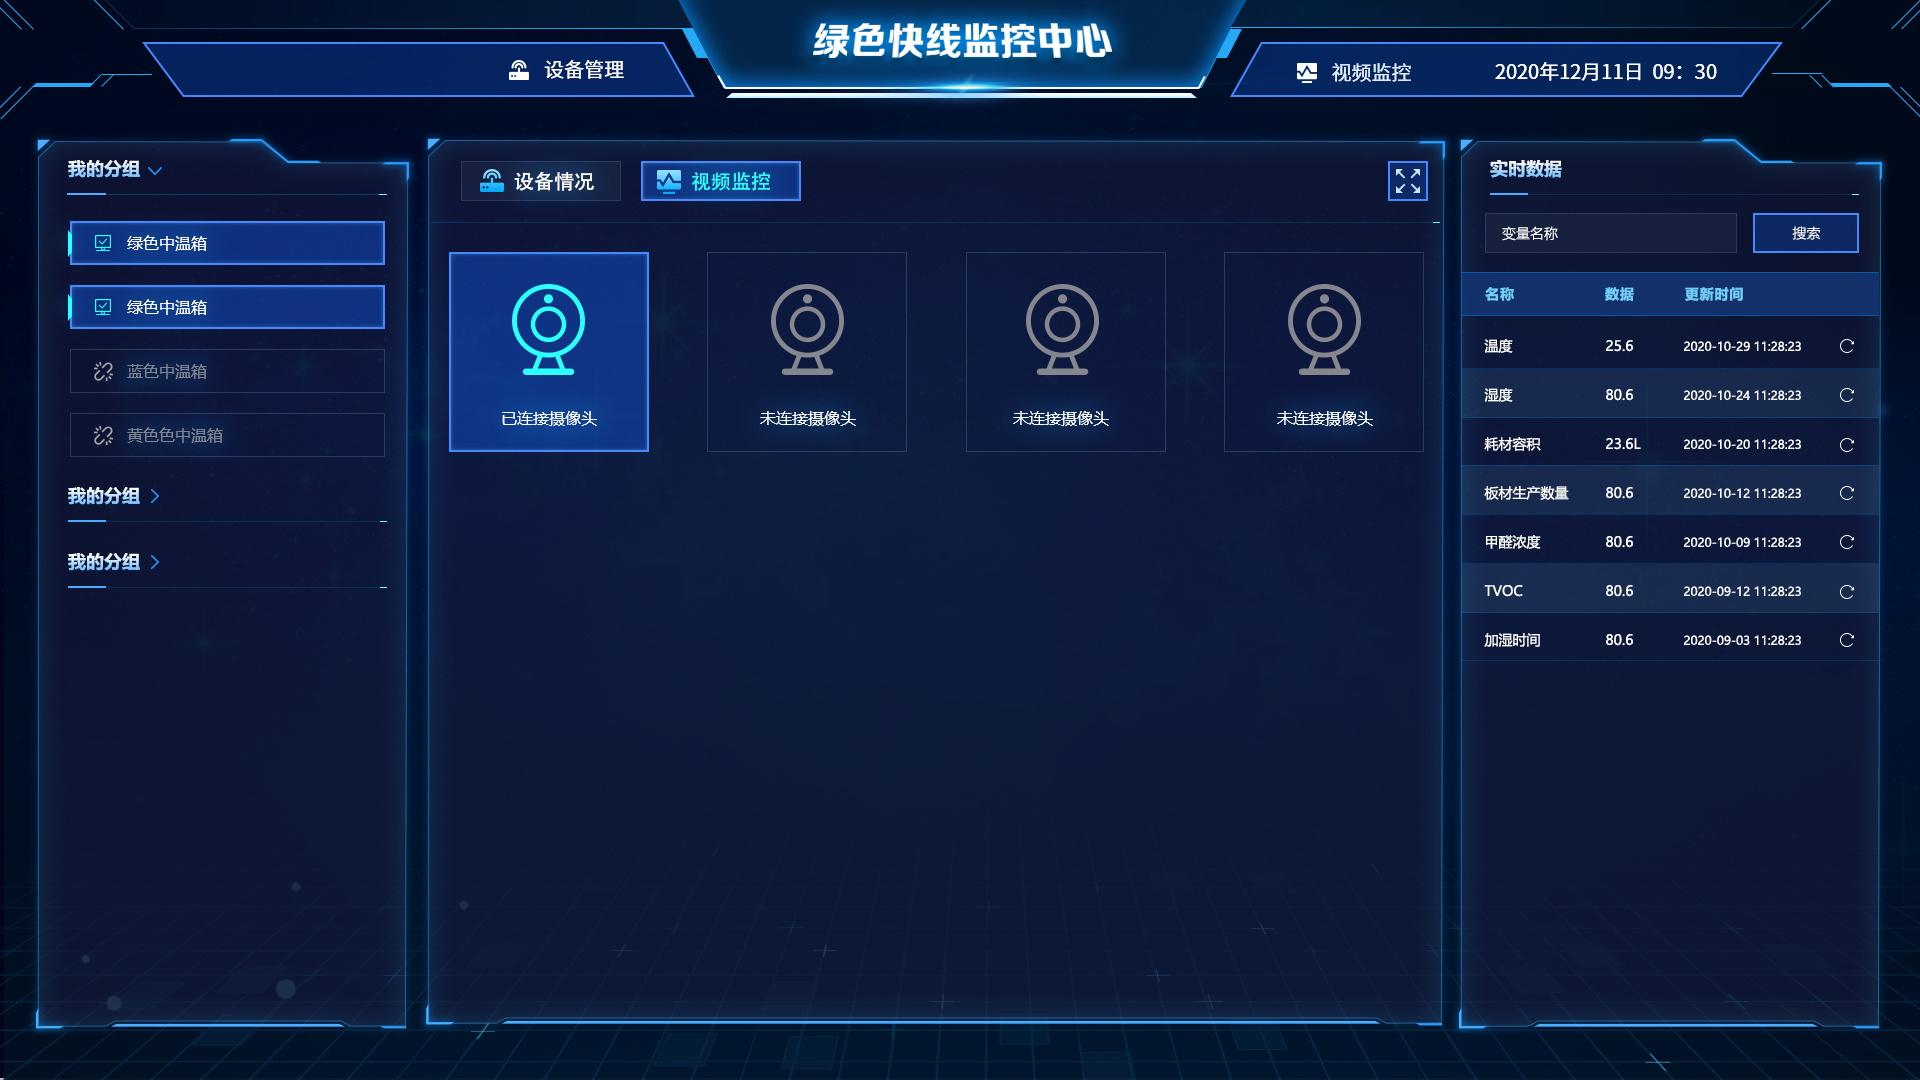 【物联网类】物联网PC版展示